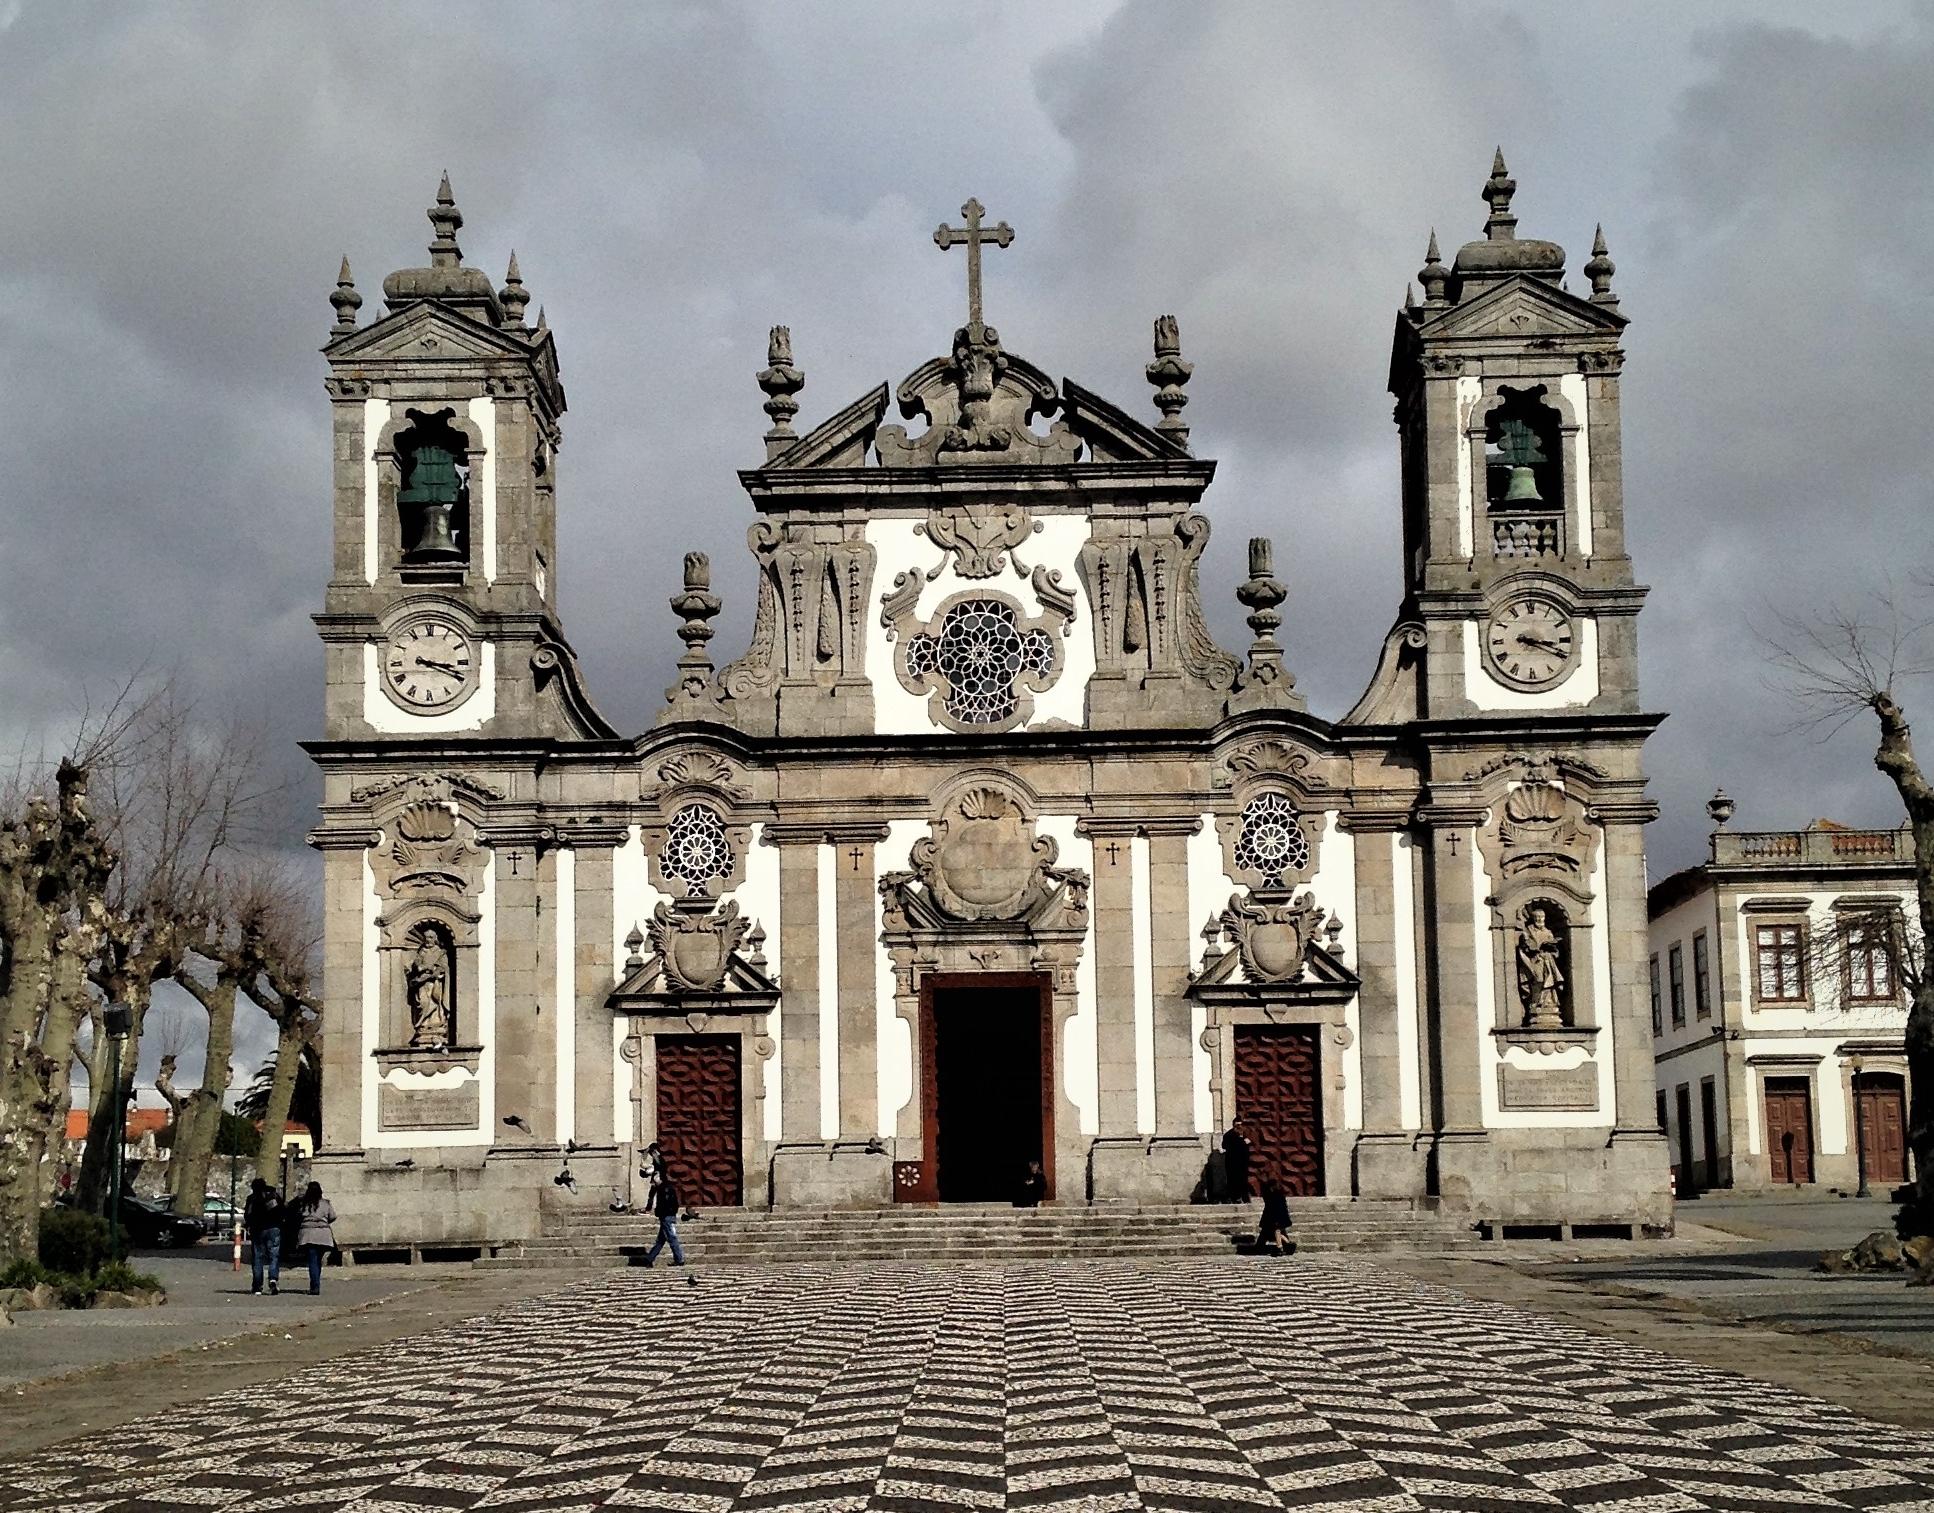 Matosinhos, Portugal